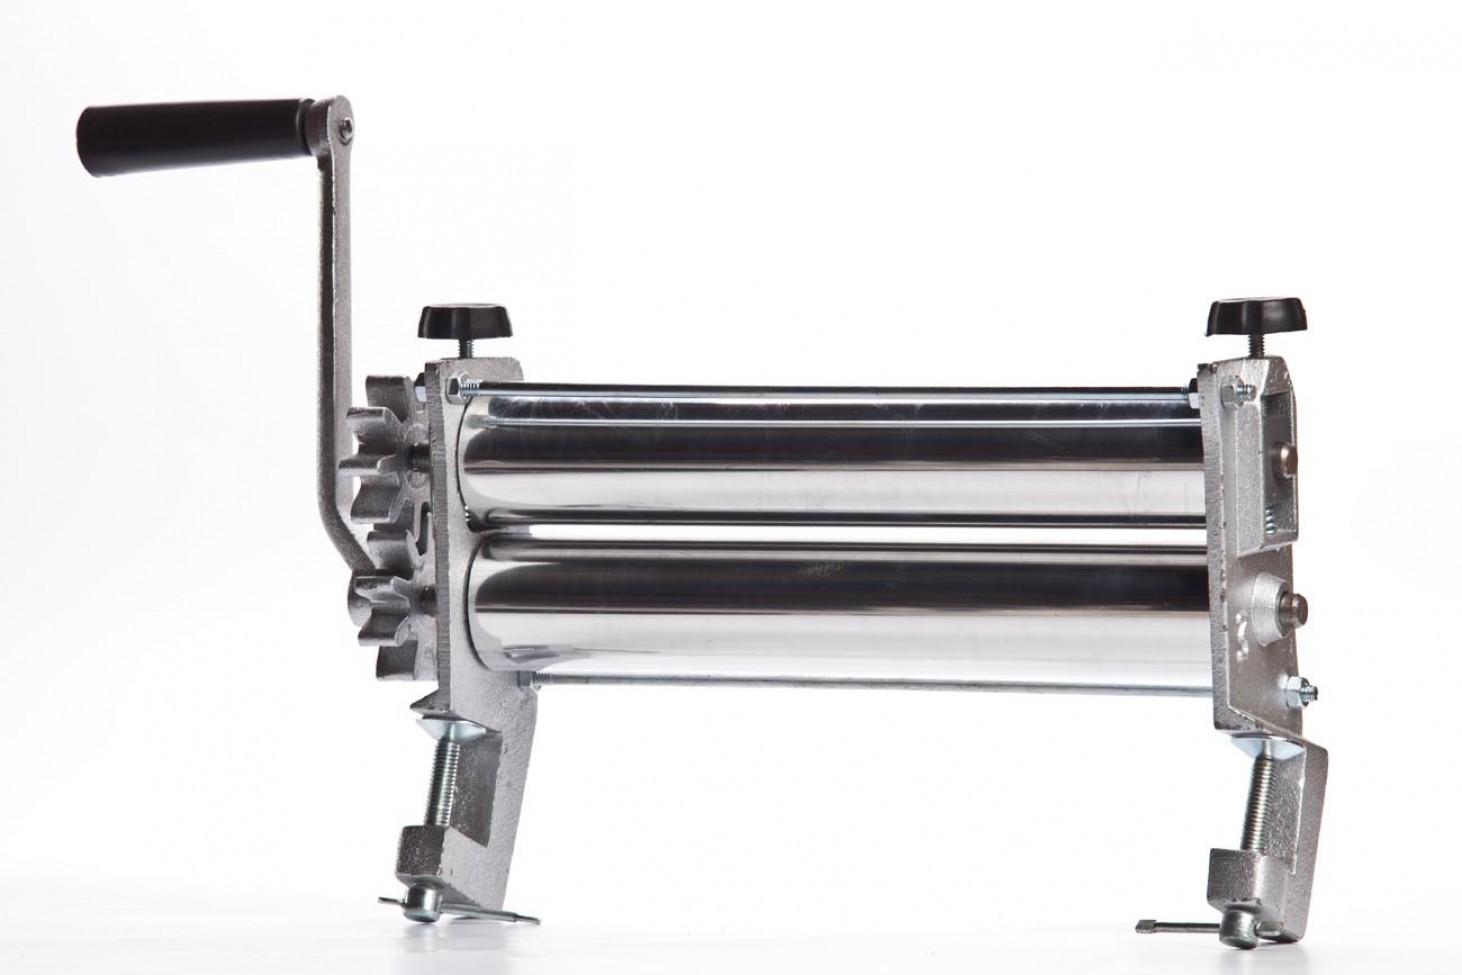 Cilindro Manual de Alumínio Luxo N-3 C/ Prendedor Sovar Massas